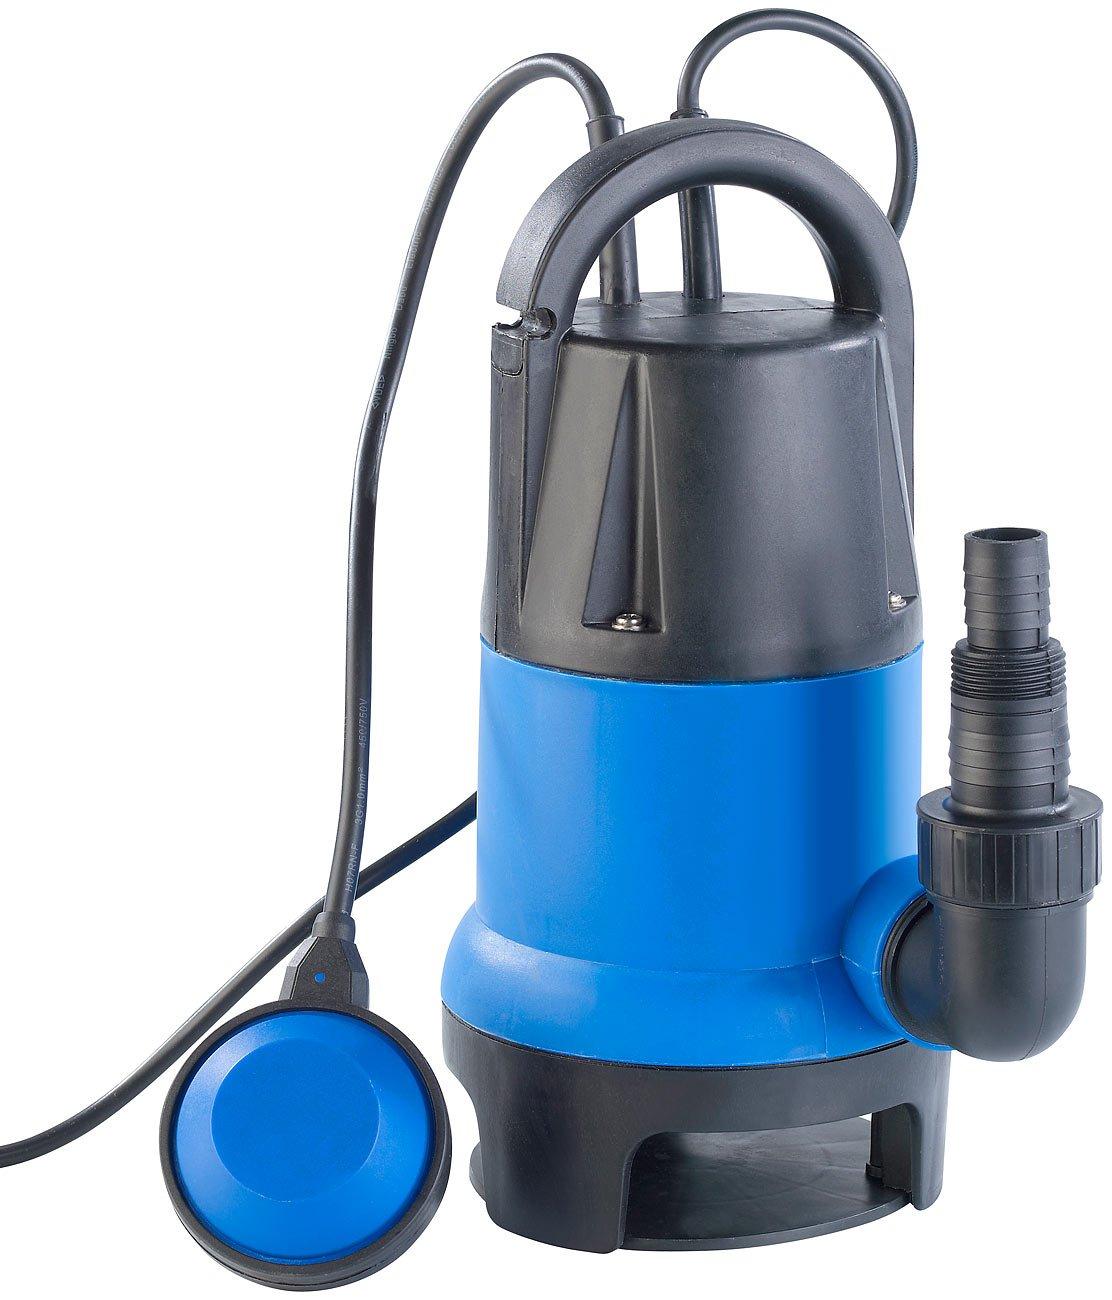 AGT Wasserpumpe: Tauchpumpe 400W mit Schwimmschalter - fü r Schmutzwasser geeignet (Schmutzwasserpumpe)